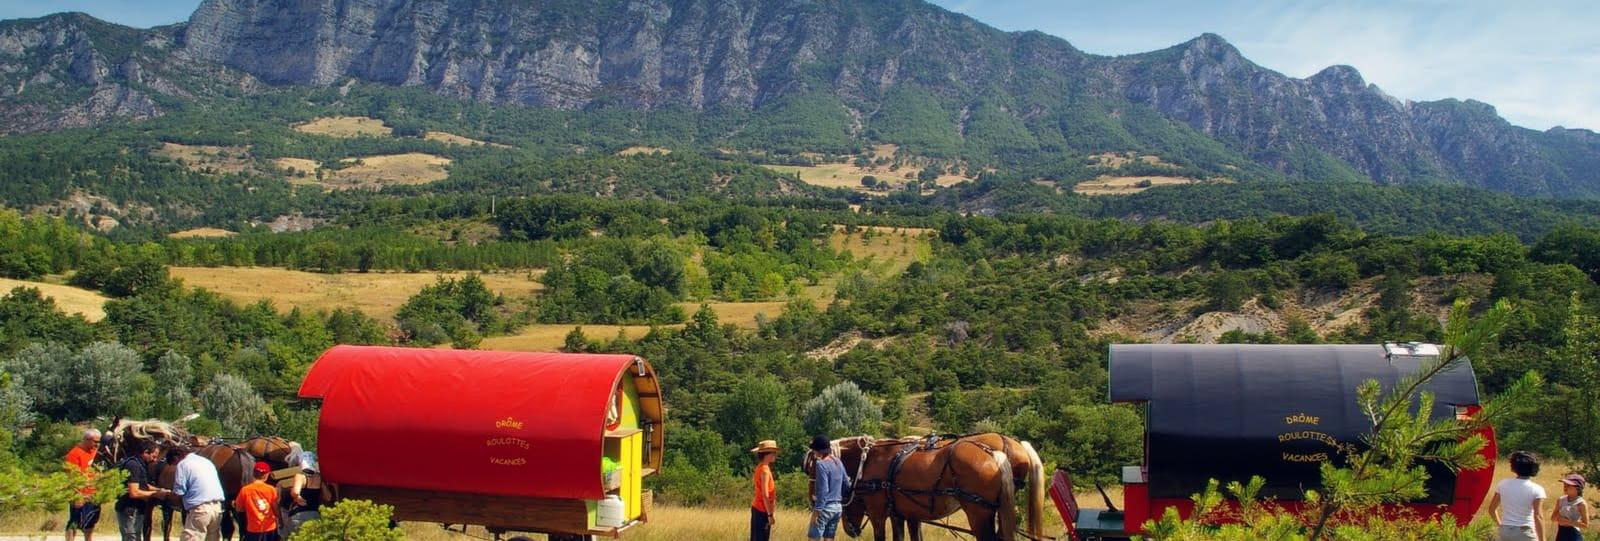 Petite évasion bohème en roulotte tirée par des chevaux